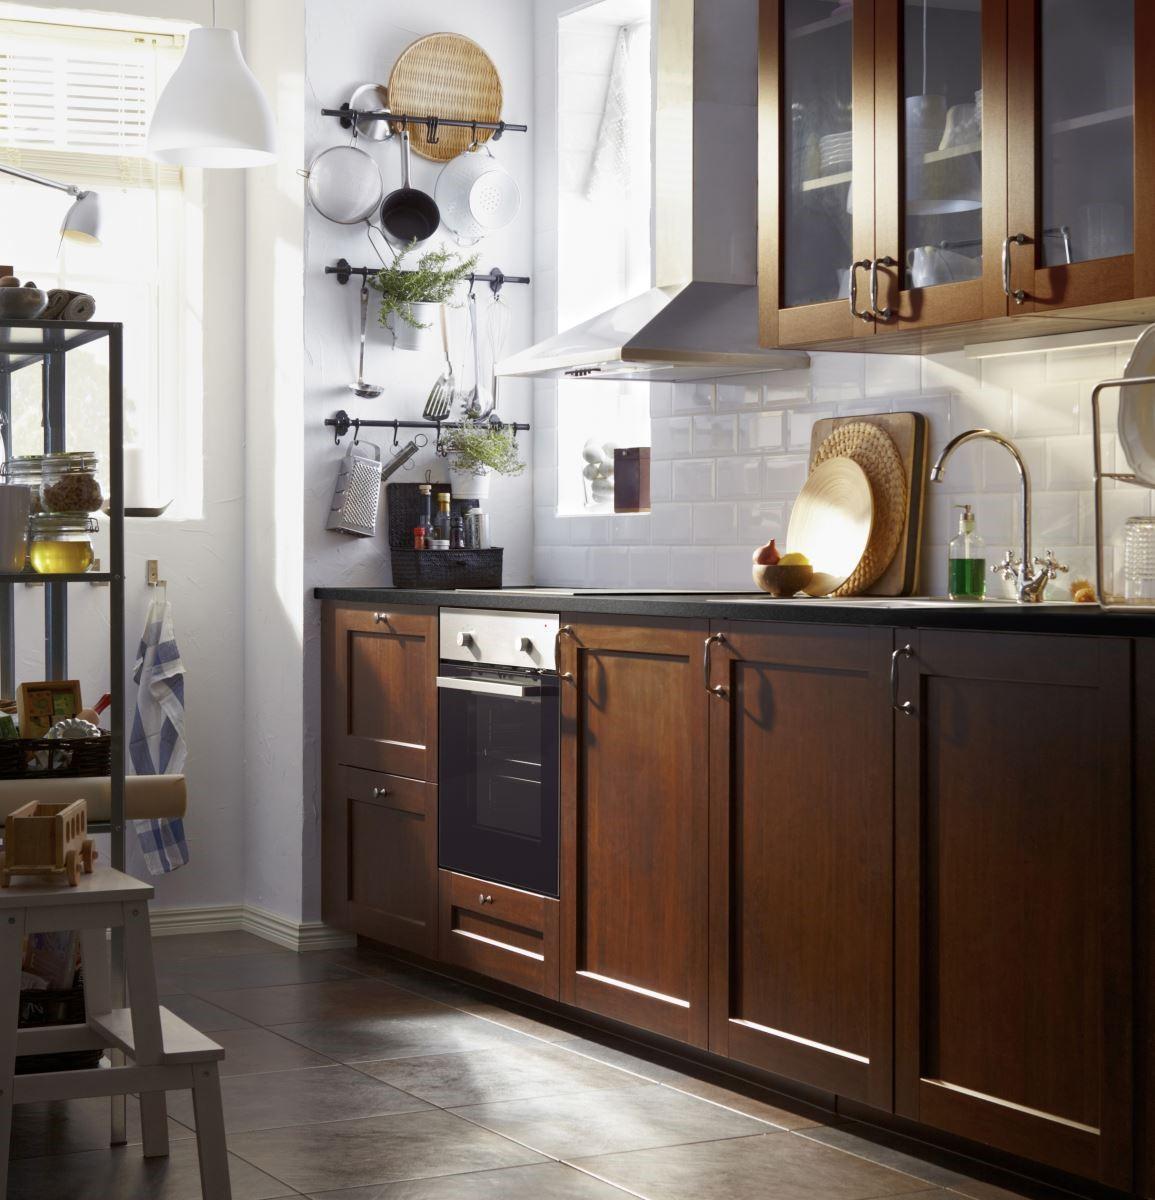 EDSERUM廚房 NT$ 34,100(價格未含廚房三機)。